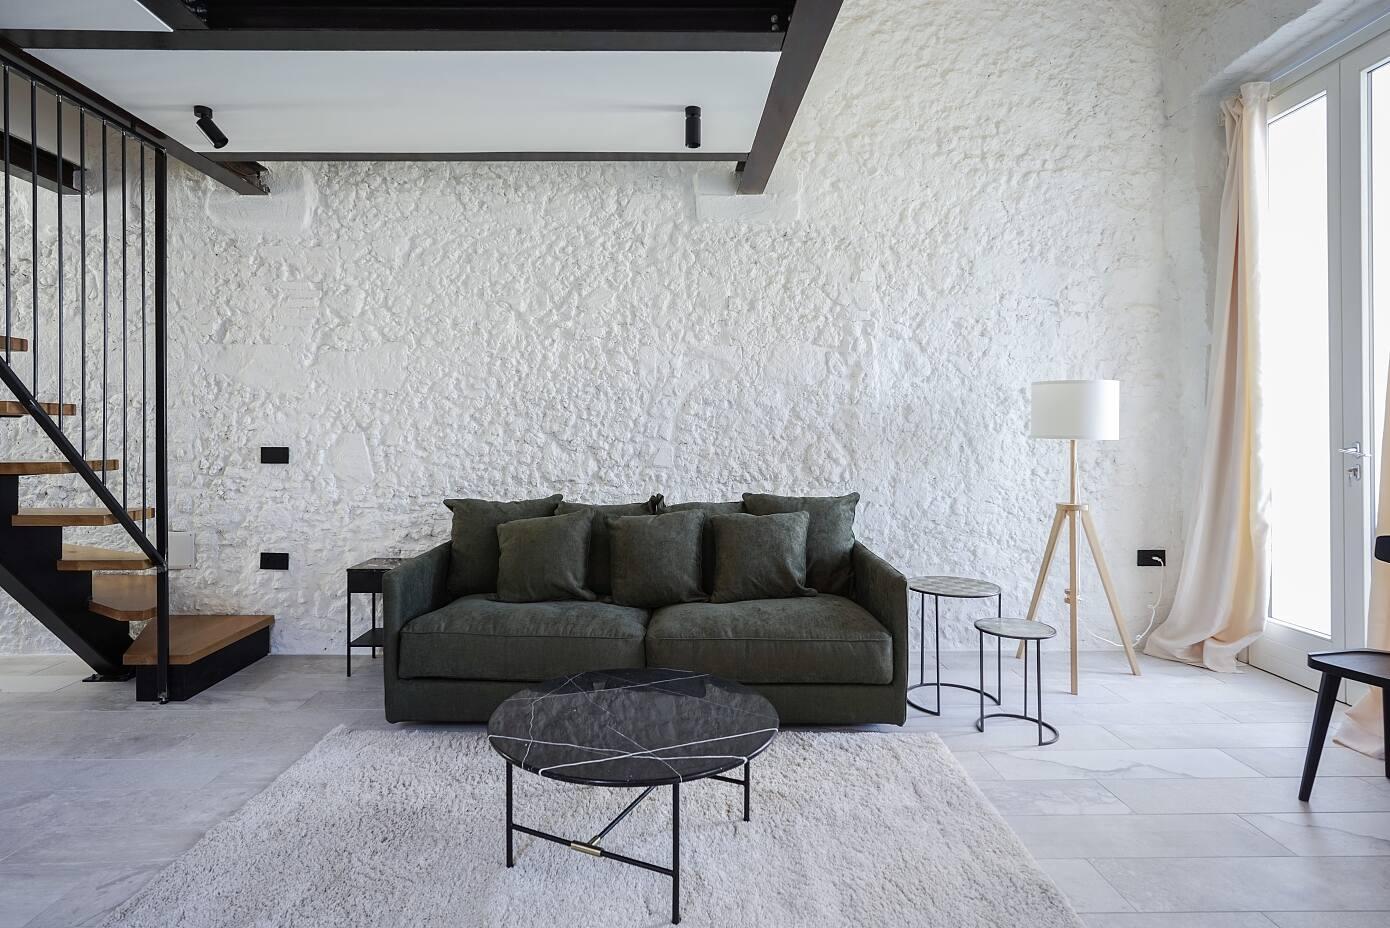 The Su Meri Cagliari Apartment Hotel by Atelier Nma